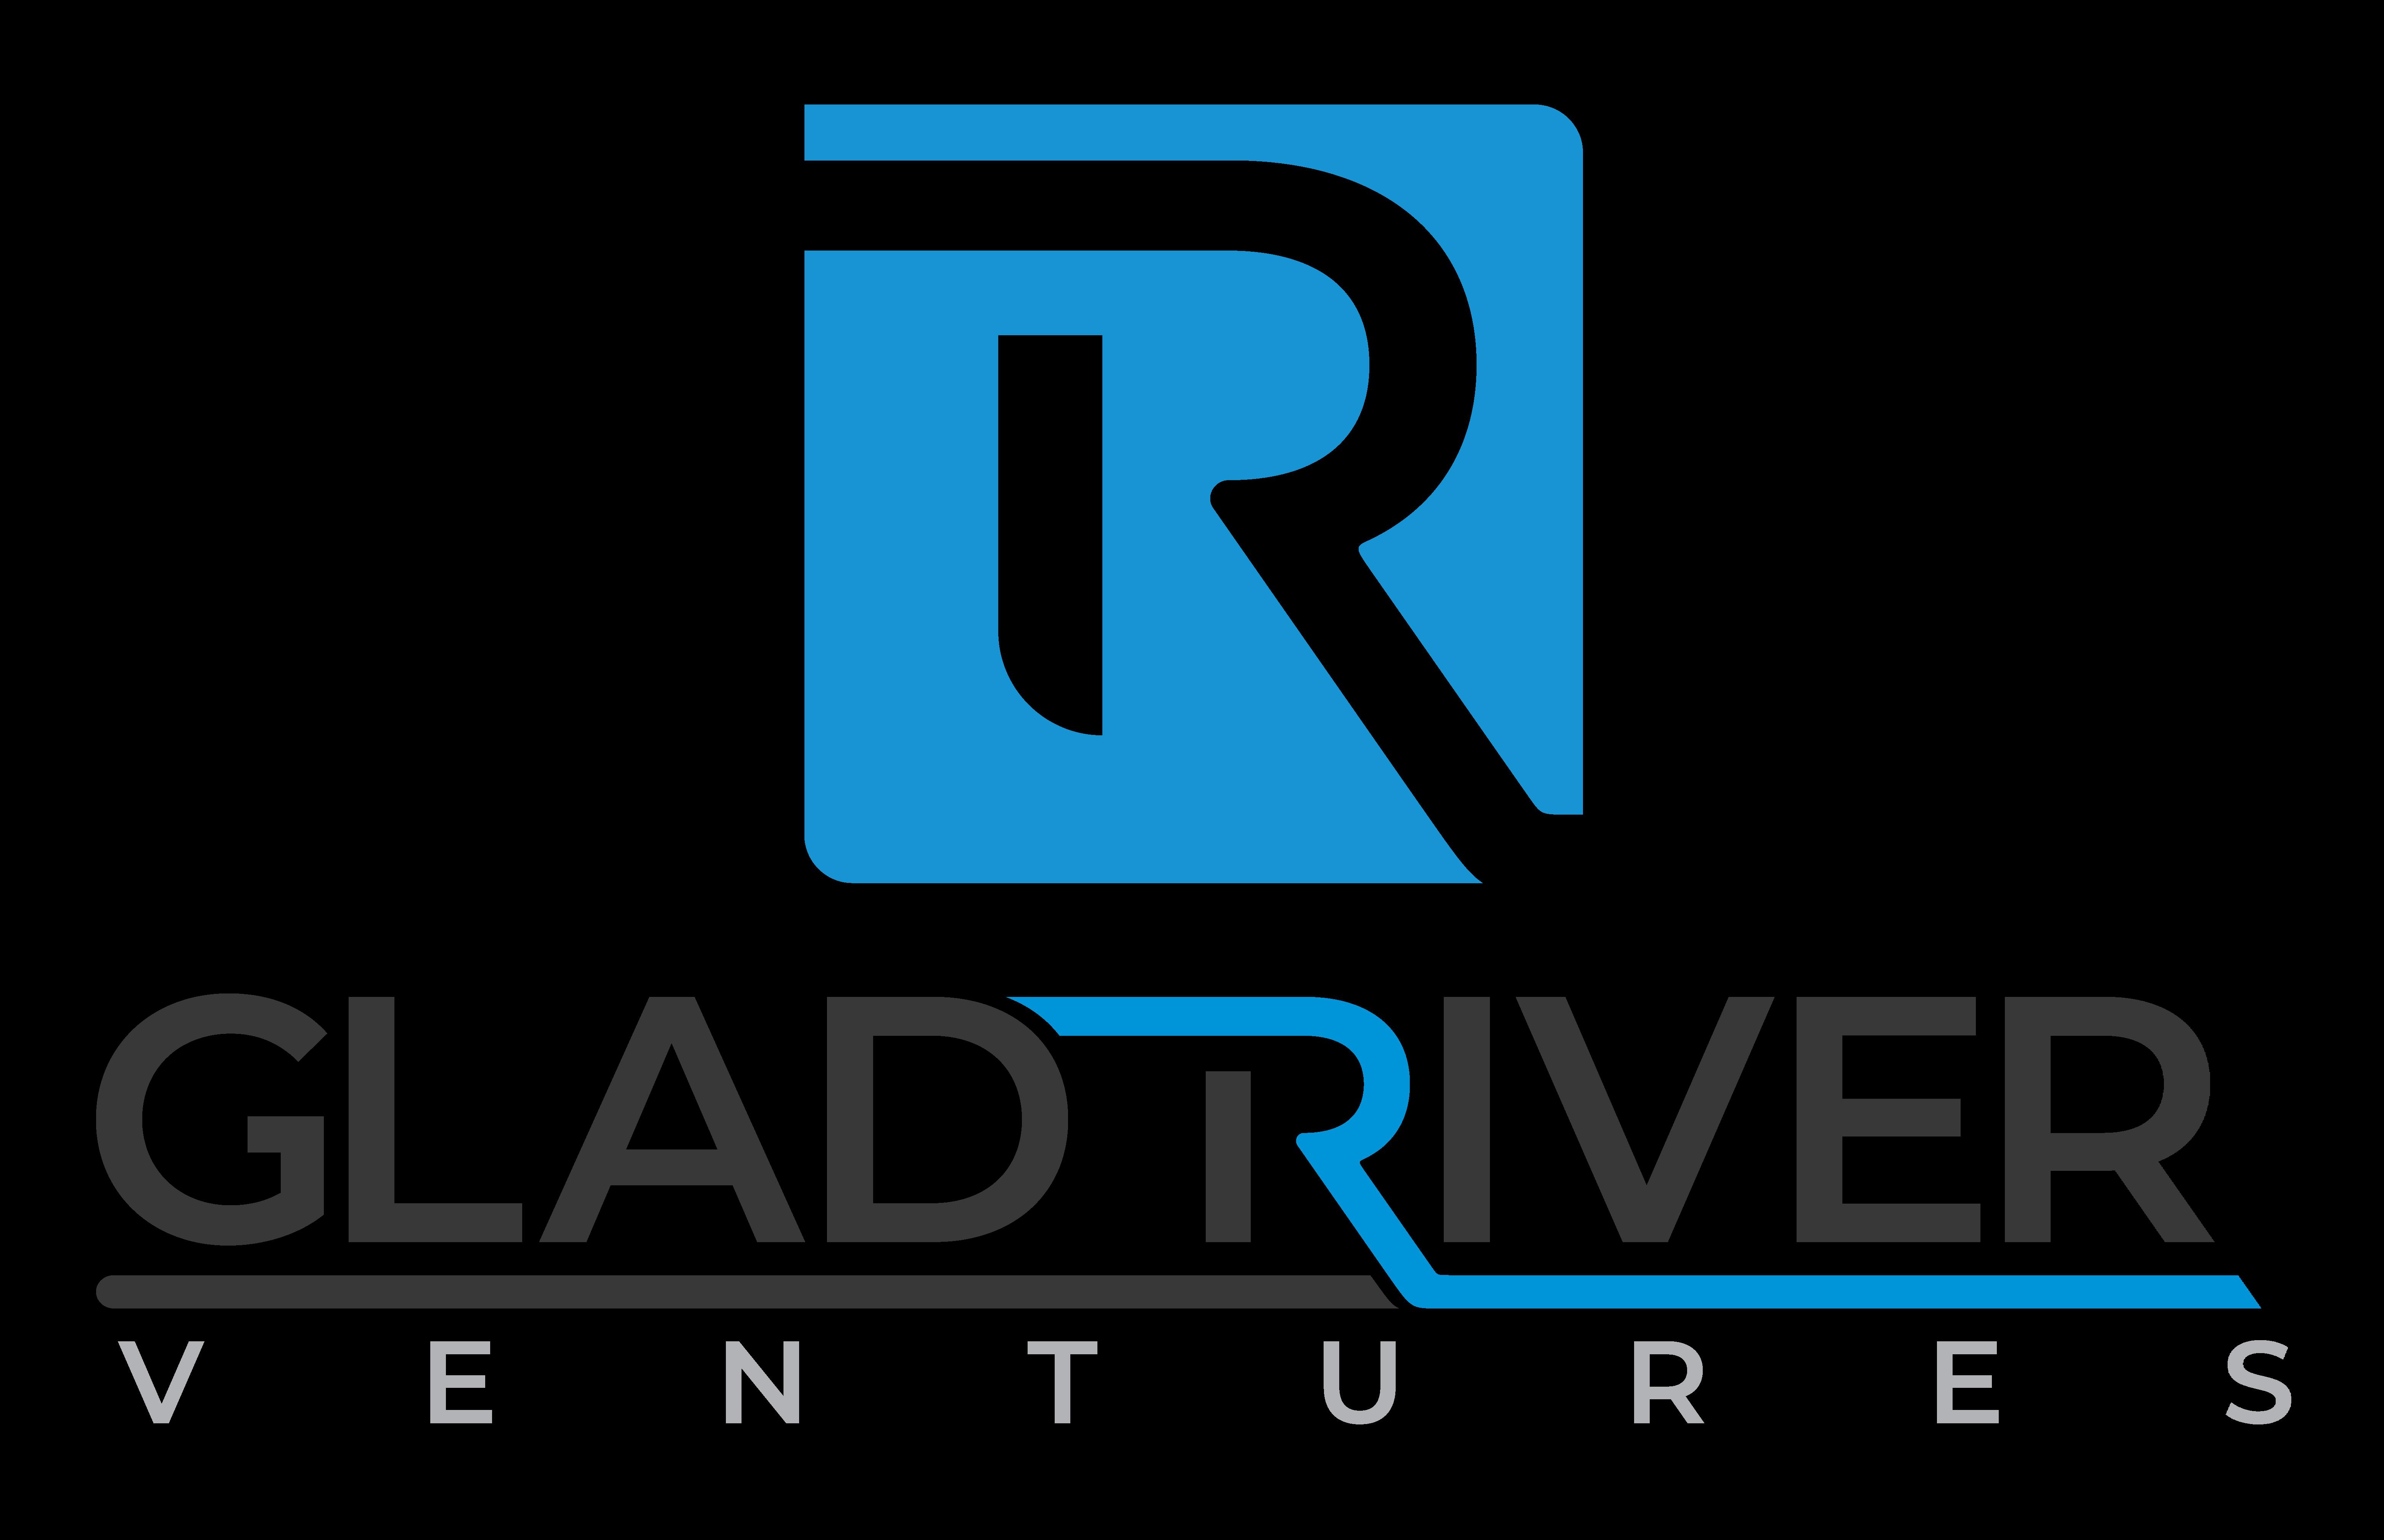 Glad River Ventures